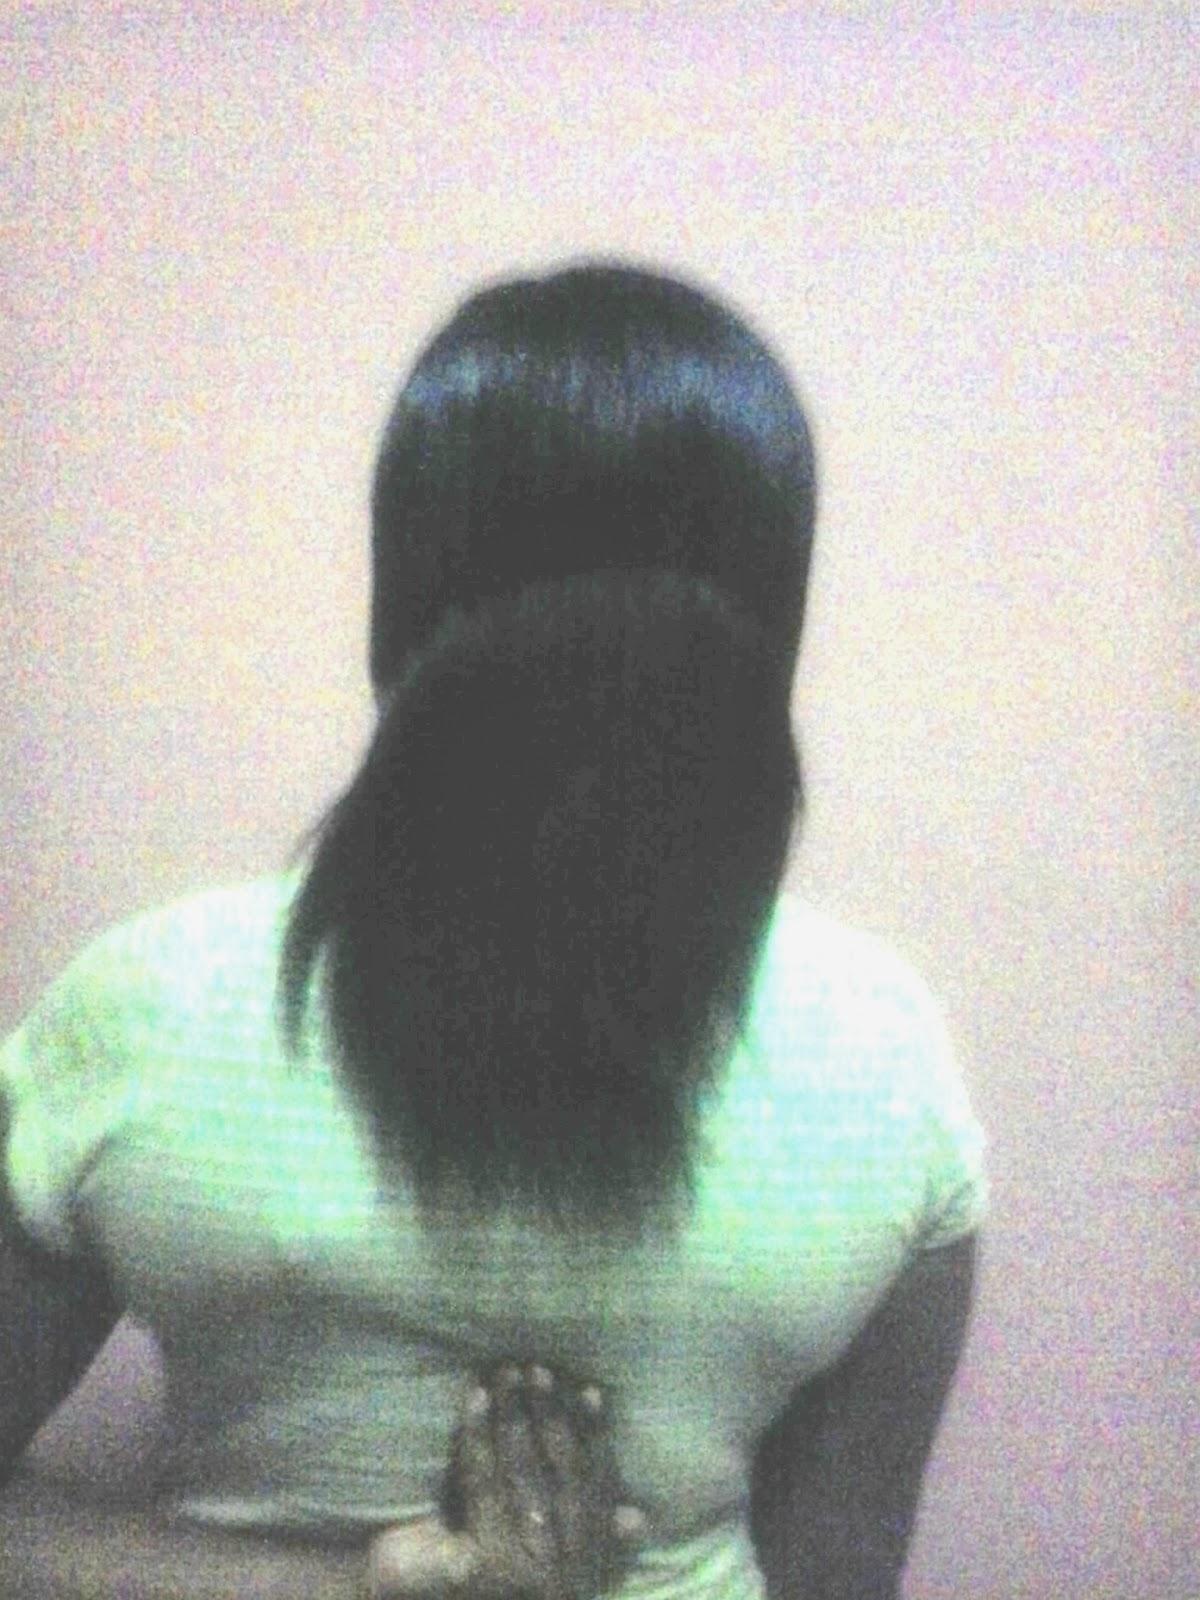 armpit length hair